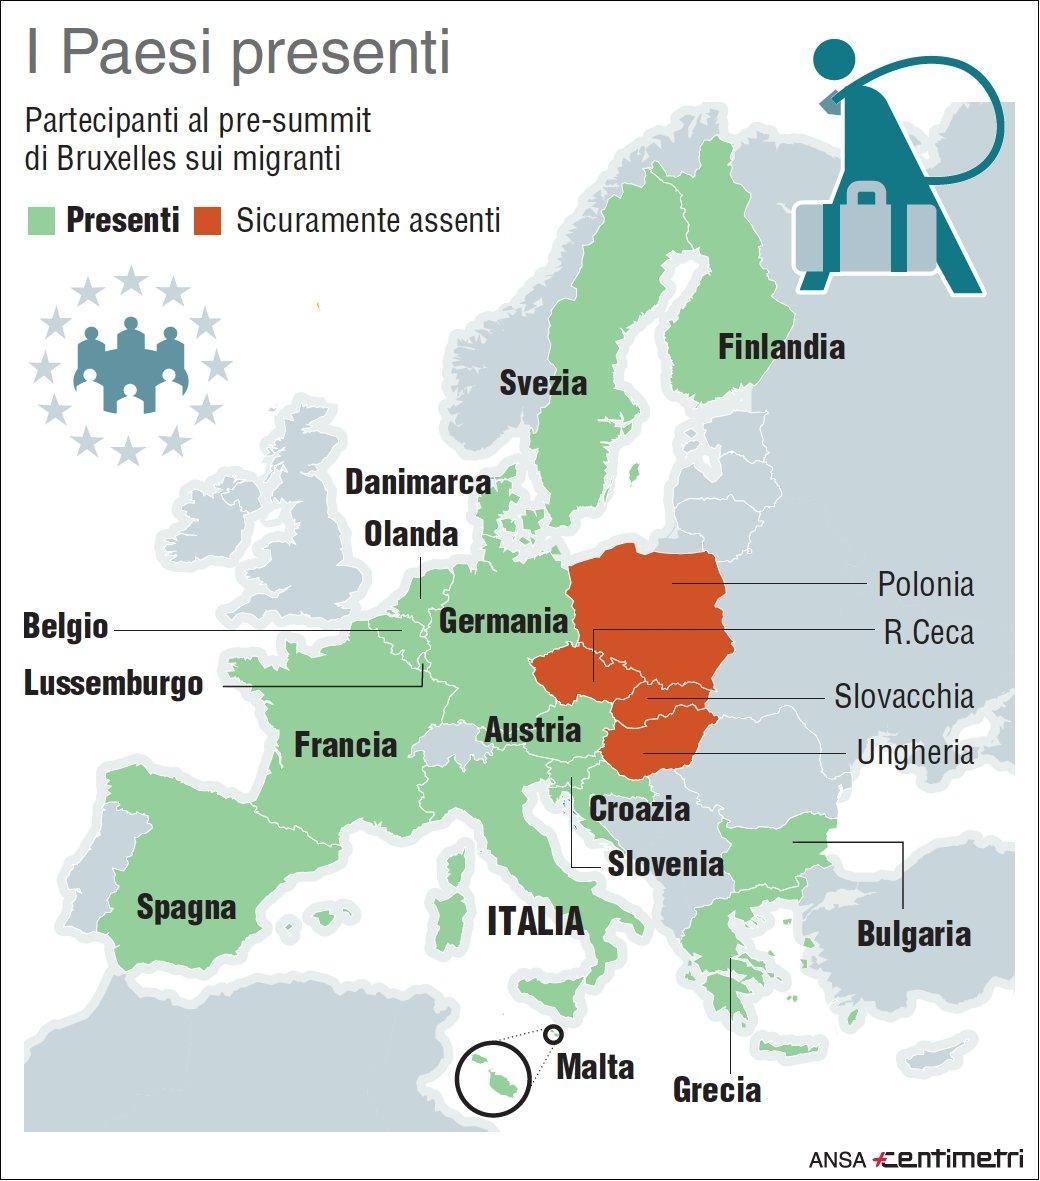 Migranti, Paesi presenti e sicuramente assenti al presummit a Bruxelles